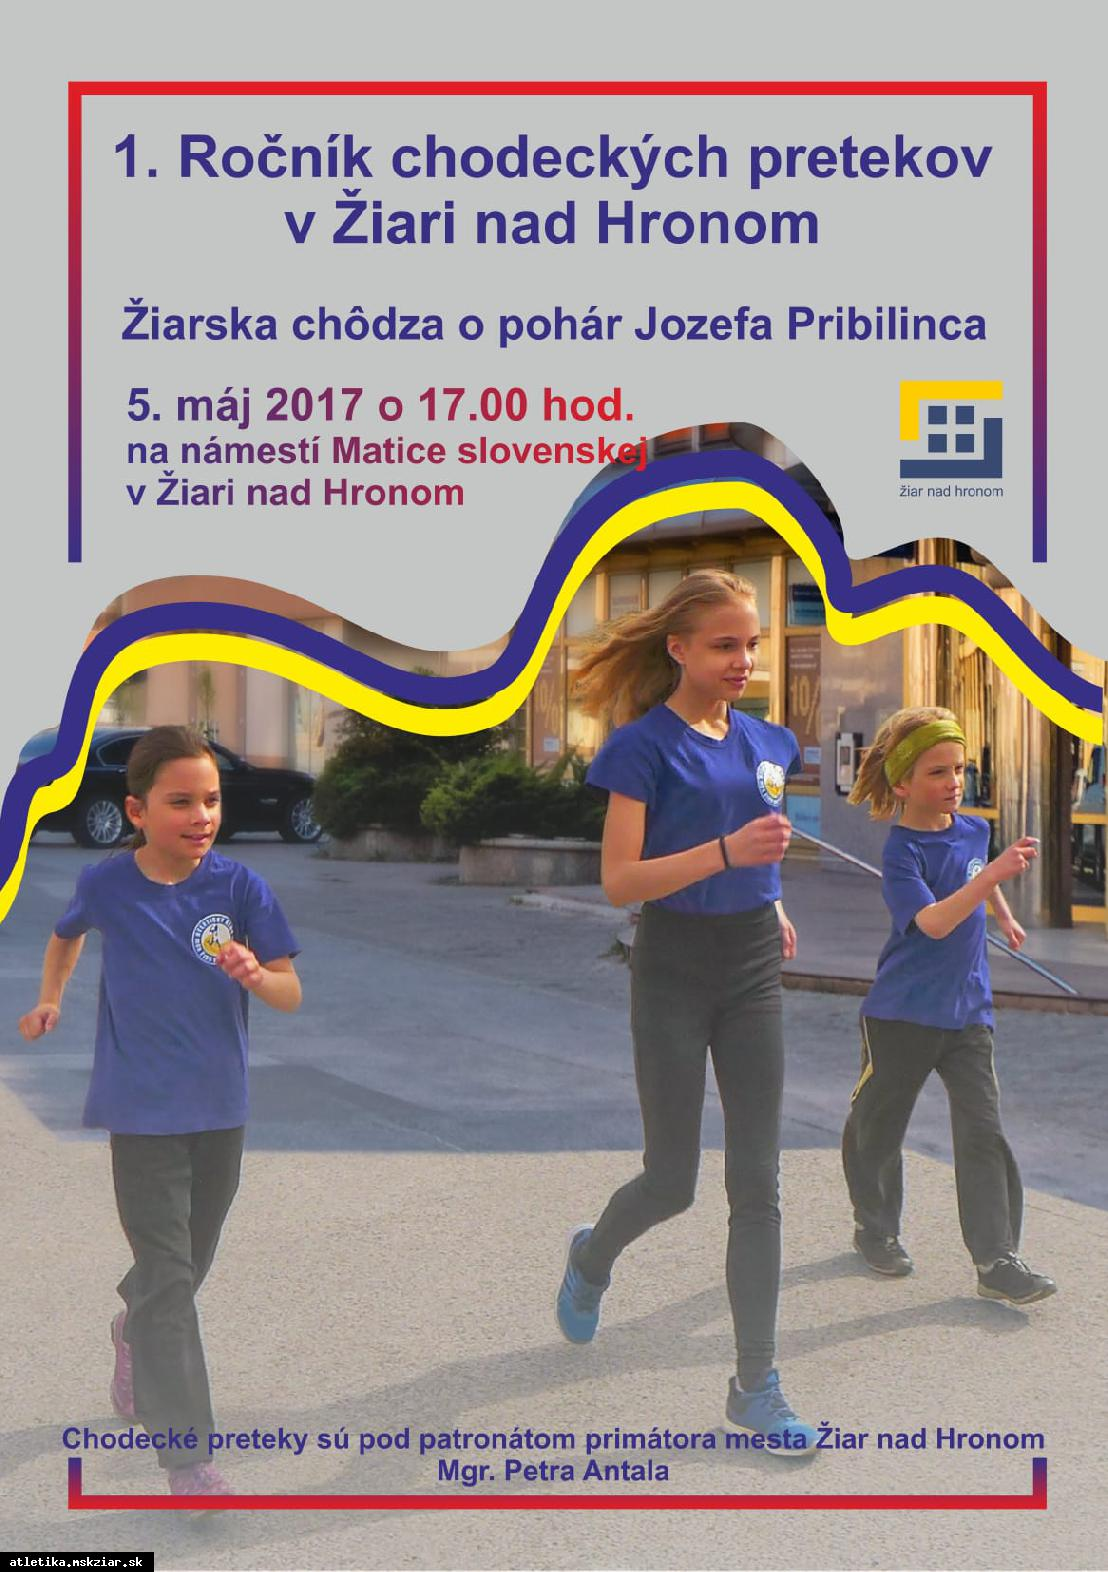 Pozvánka na chodecké preteky v Žiari nad Hronom s olympijskými víťazmi